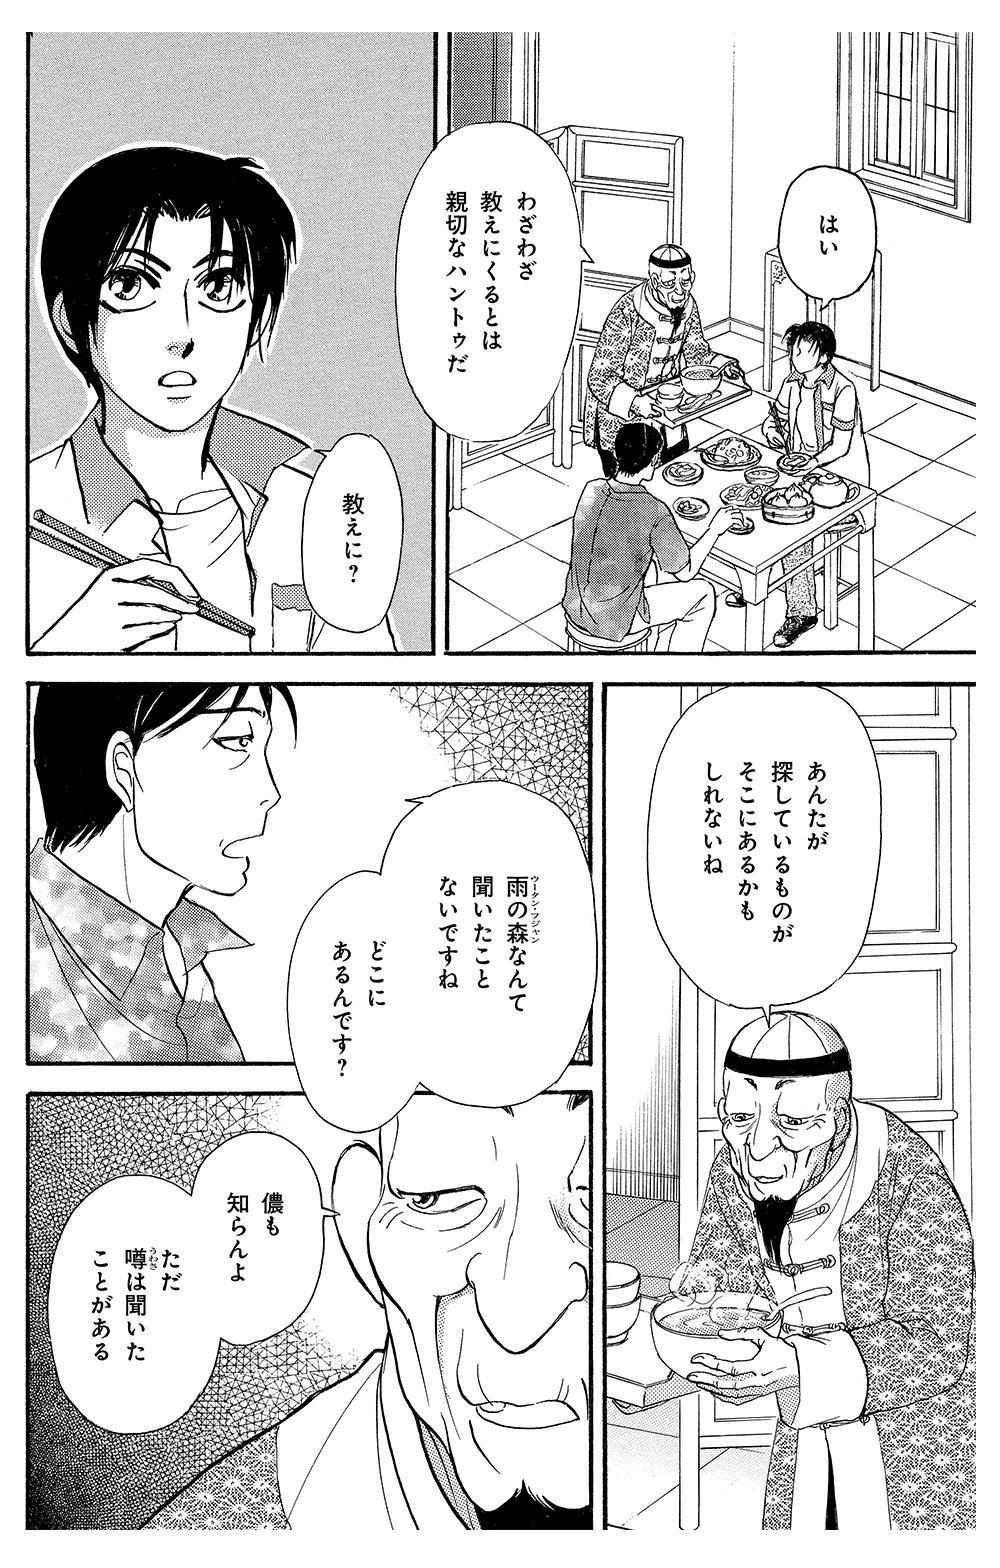 くにのまほろば 第1話 ②kunimaho02-02.jpg